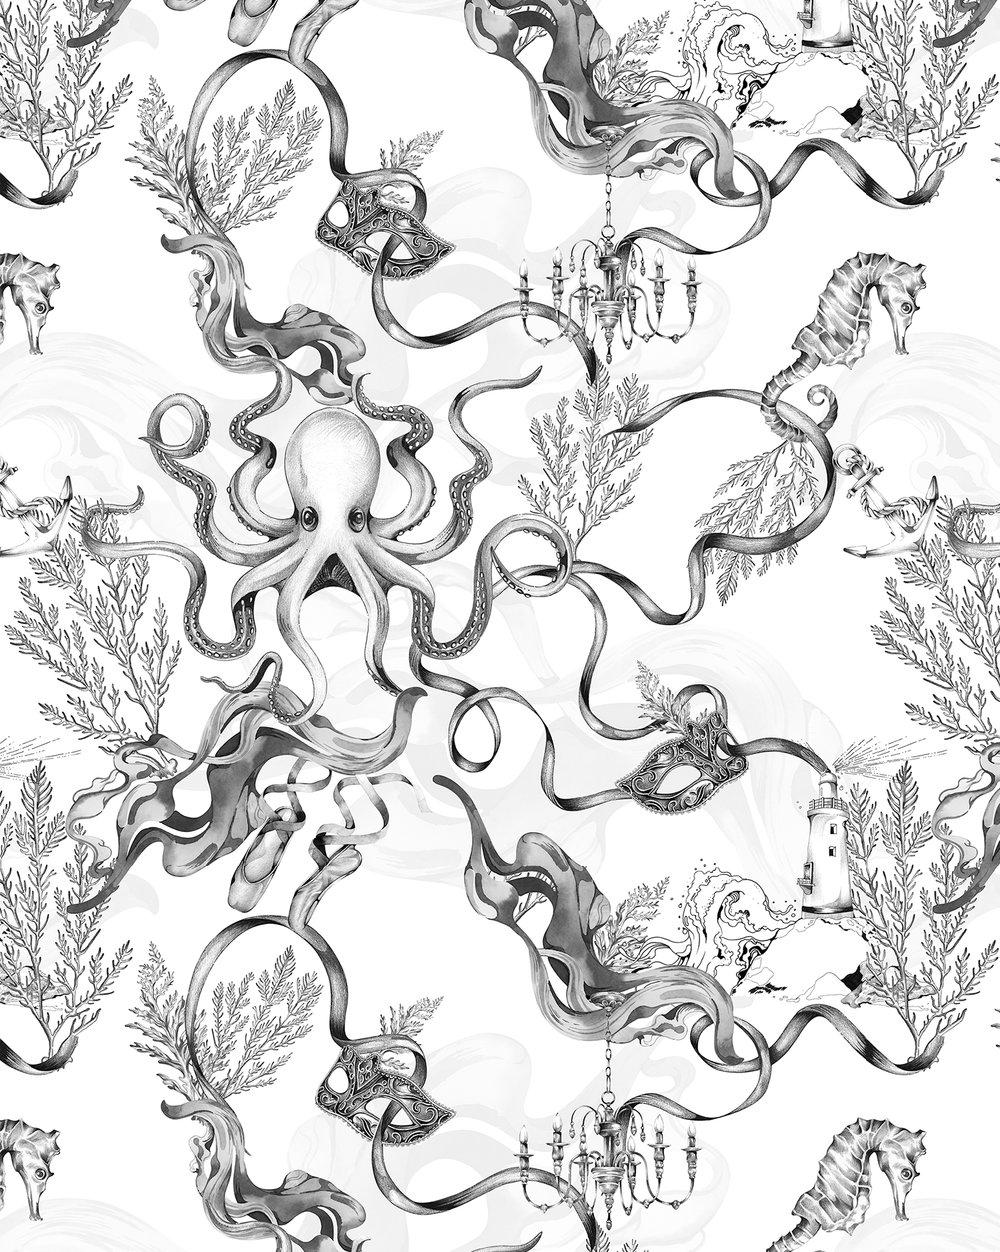 PommeChan_Octopus_Pattern.jpg